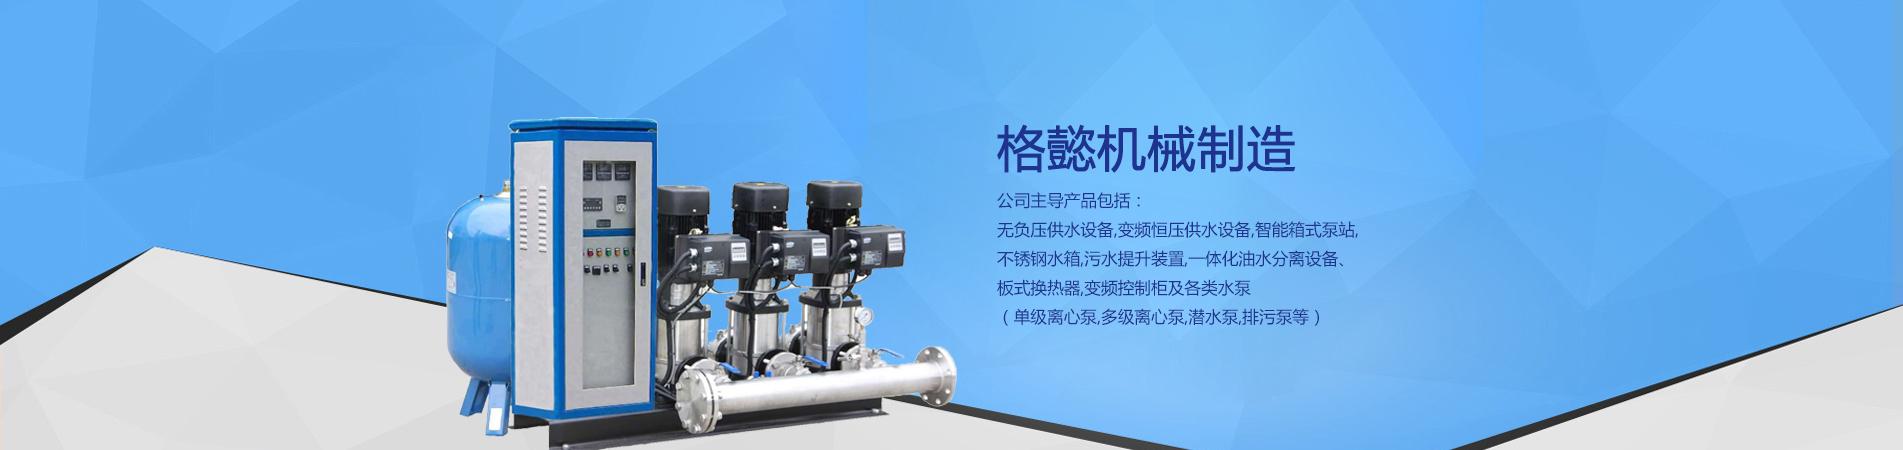 污水提升设备_预制泵站_隔油提升设备_banner1